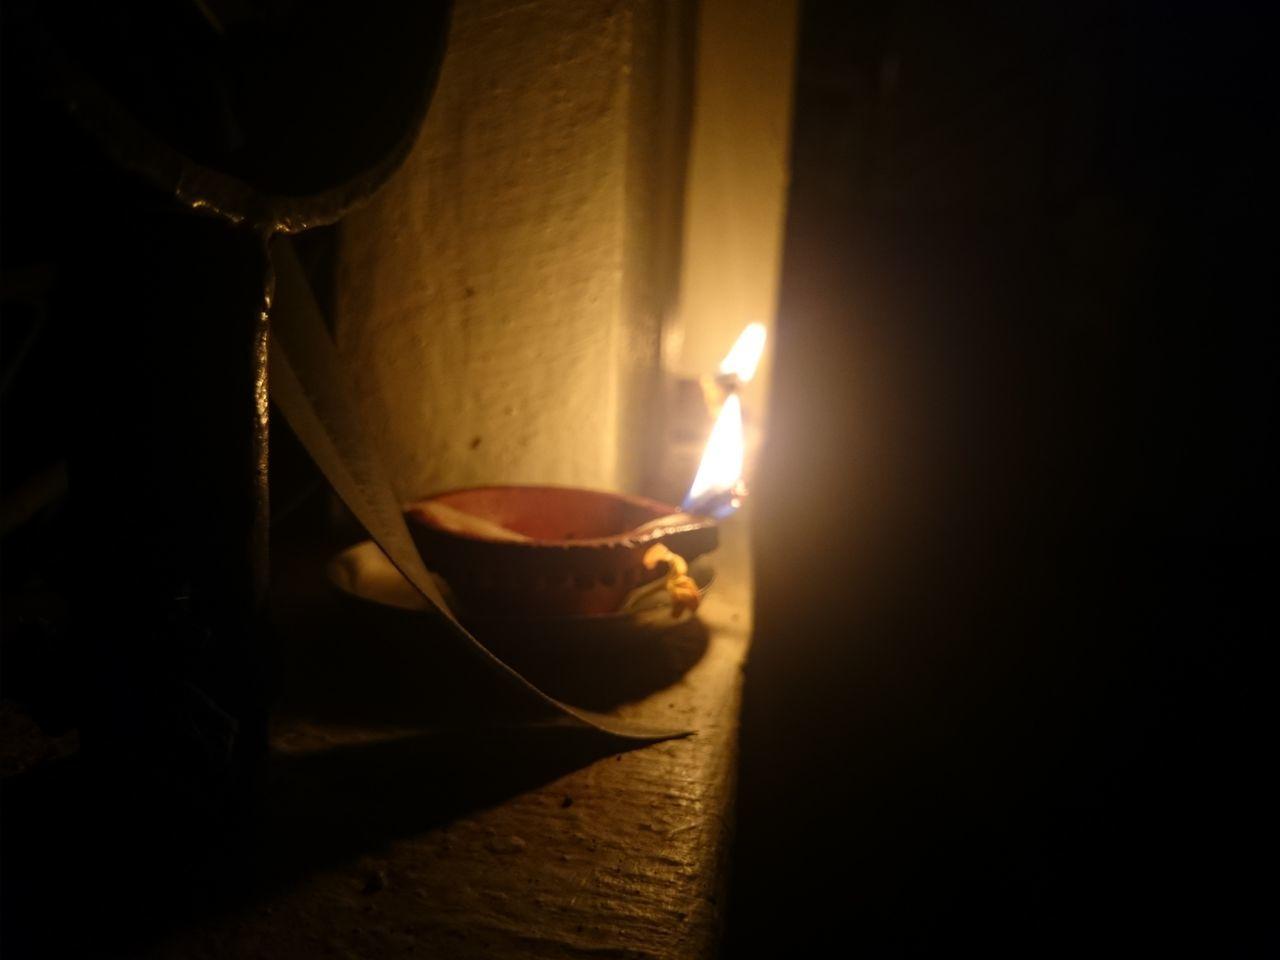 Happy Diwali Z1photography